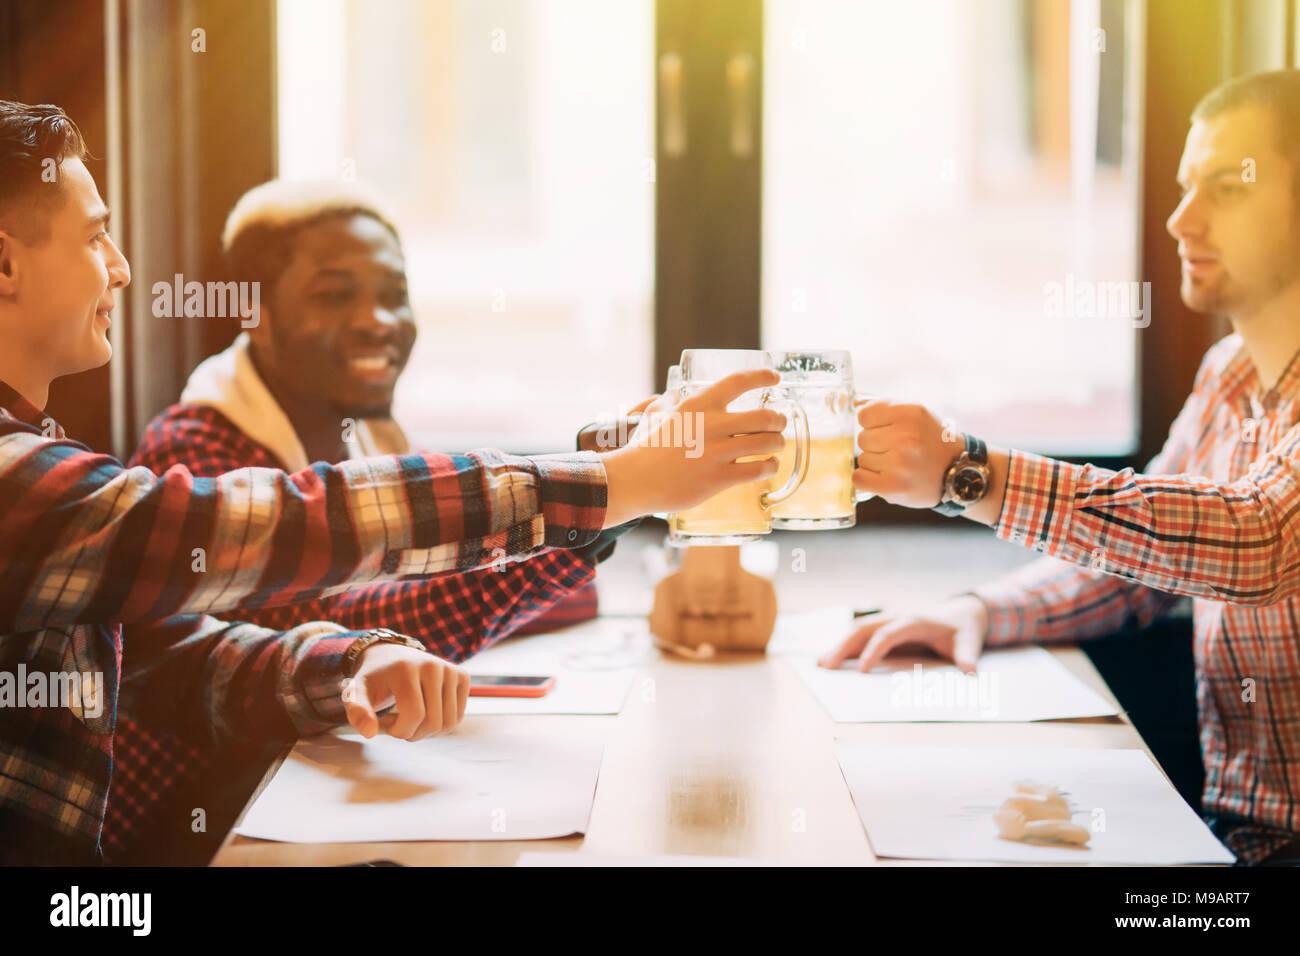 La gente, uomini, di svago, di amicizia e di celebrazione concetto - happy amici maschi a bere birra e tintinnanti bicchieri al bar o pub Immagini Stock